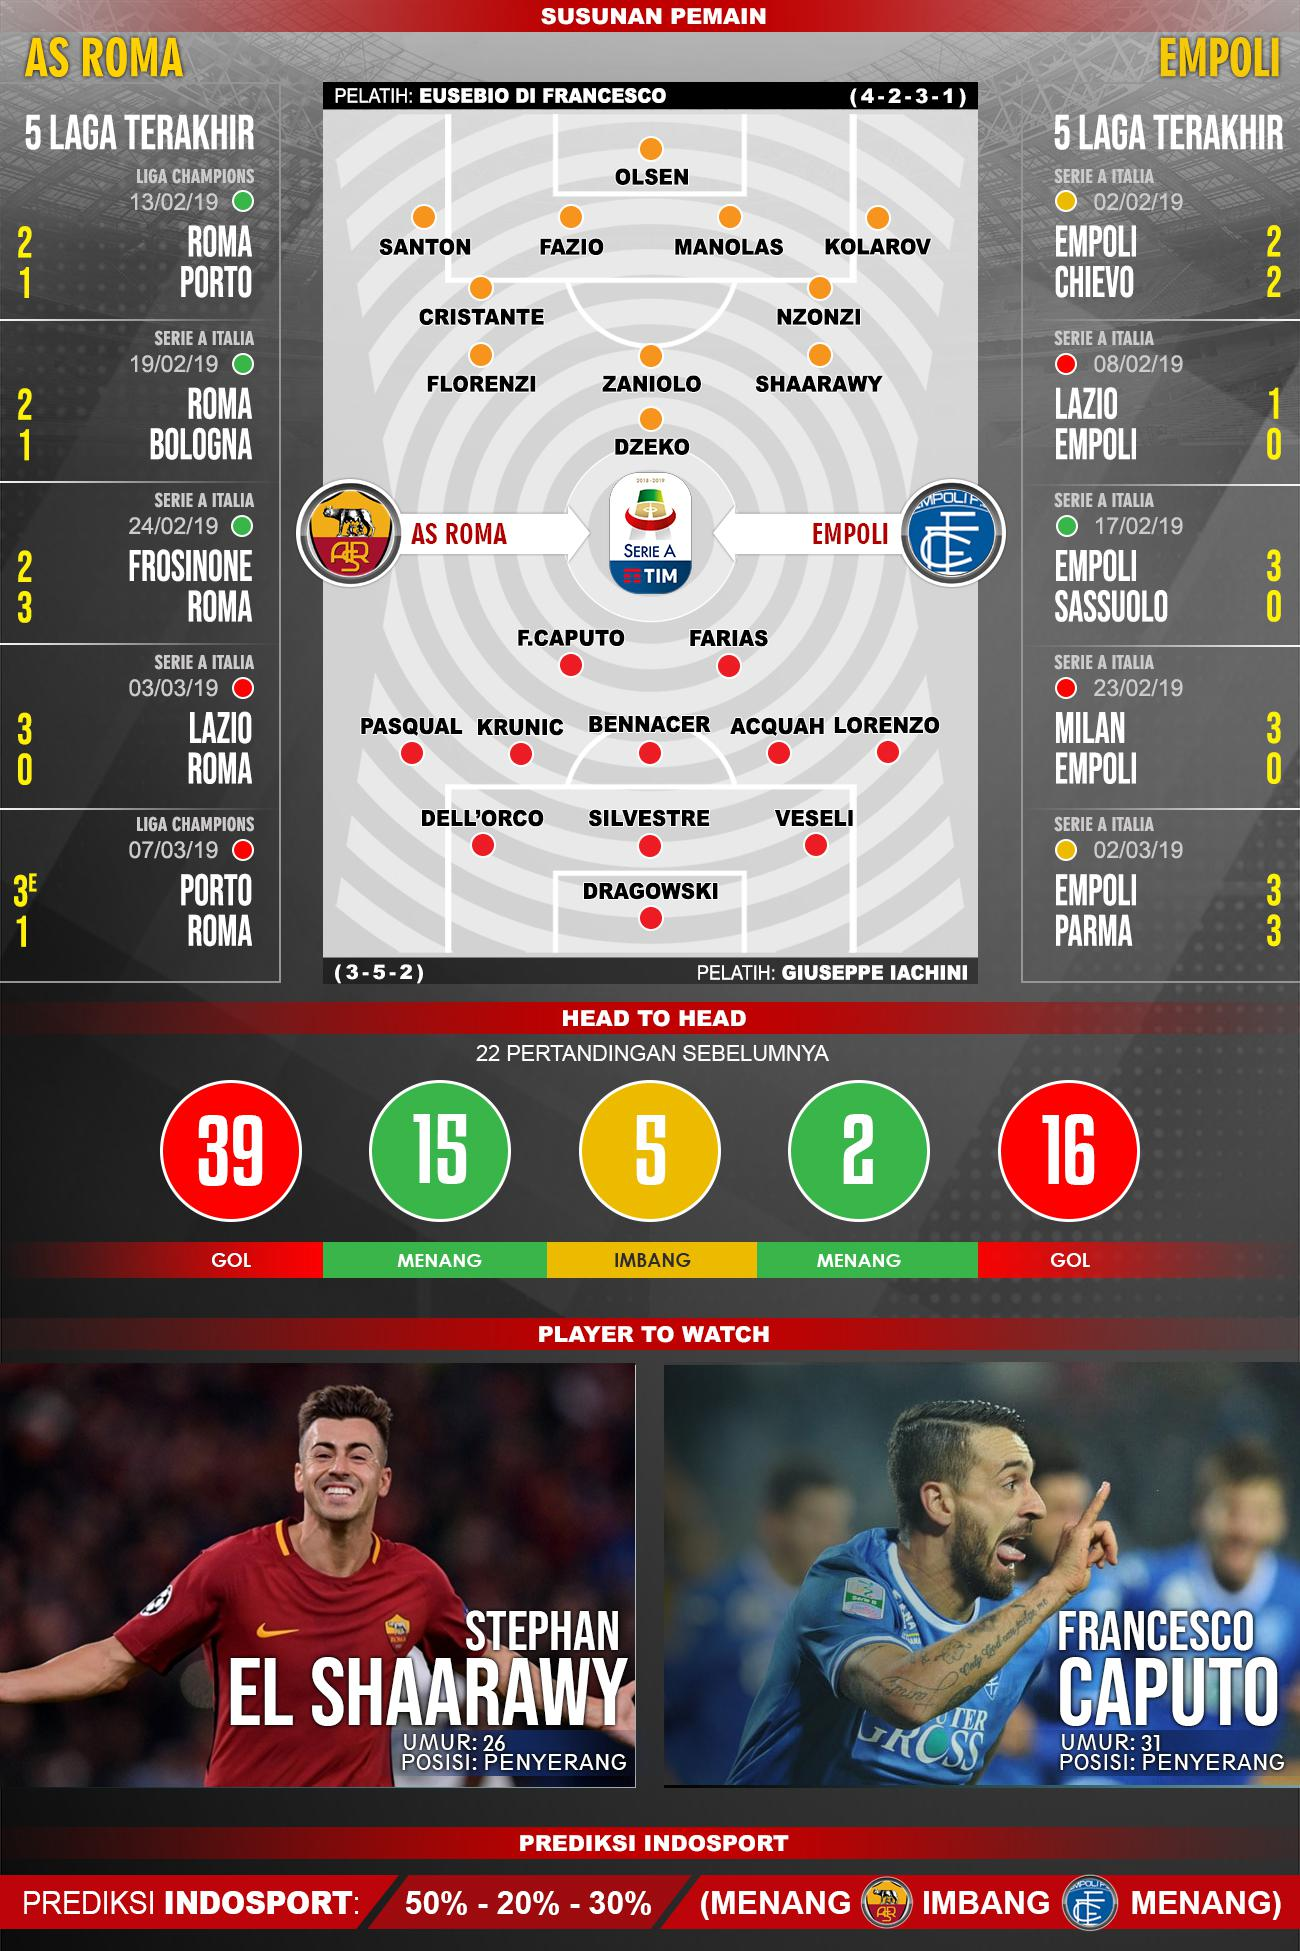 Susunan Pemain dan 5 laga terakhir AS Roma vs Empoli Copyright: INDOSPORT/Yooan Rizky Syahputra